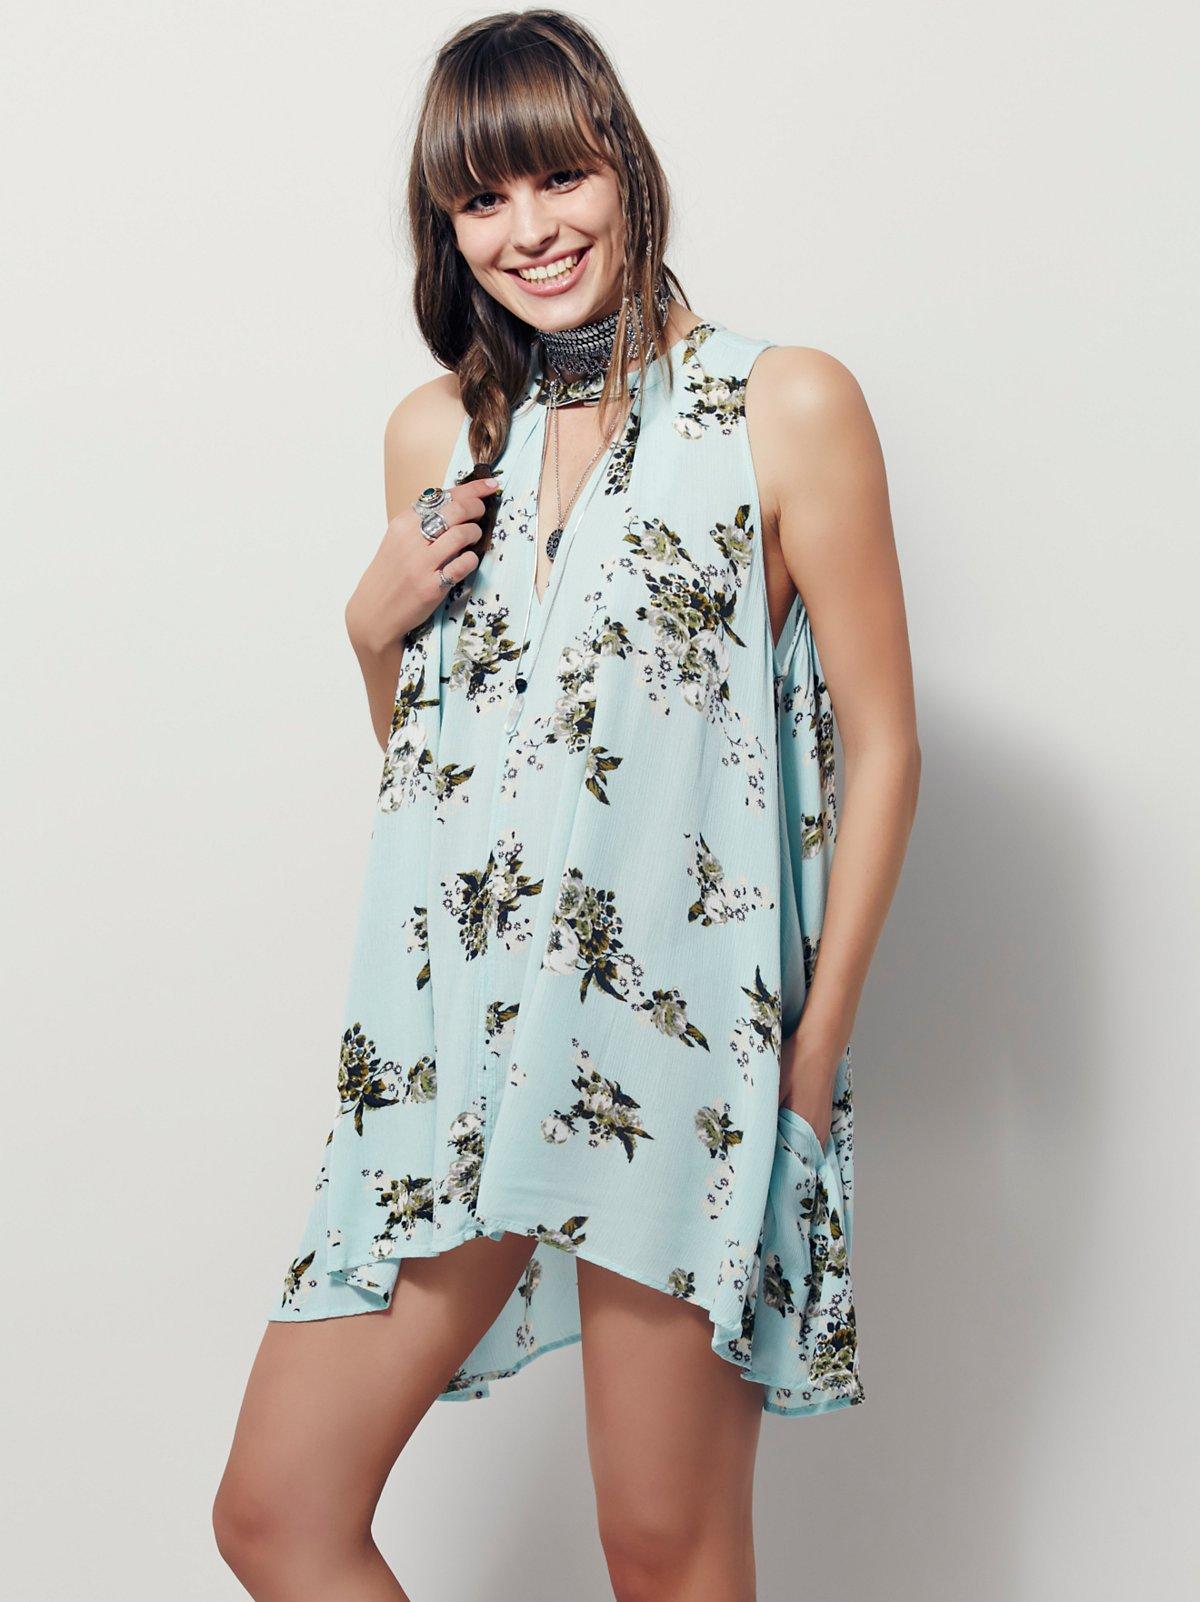 褪色花卉图案无袖裙衫